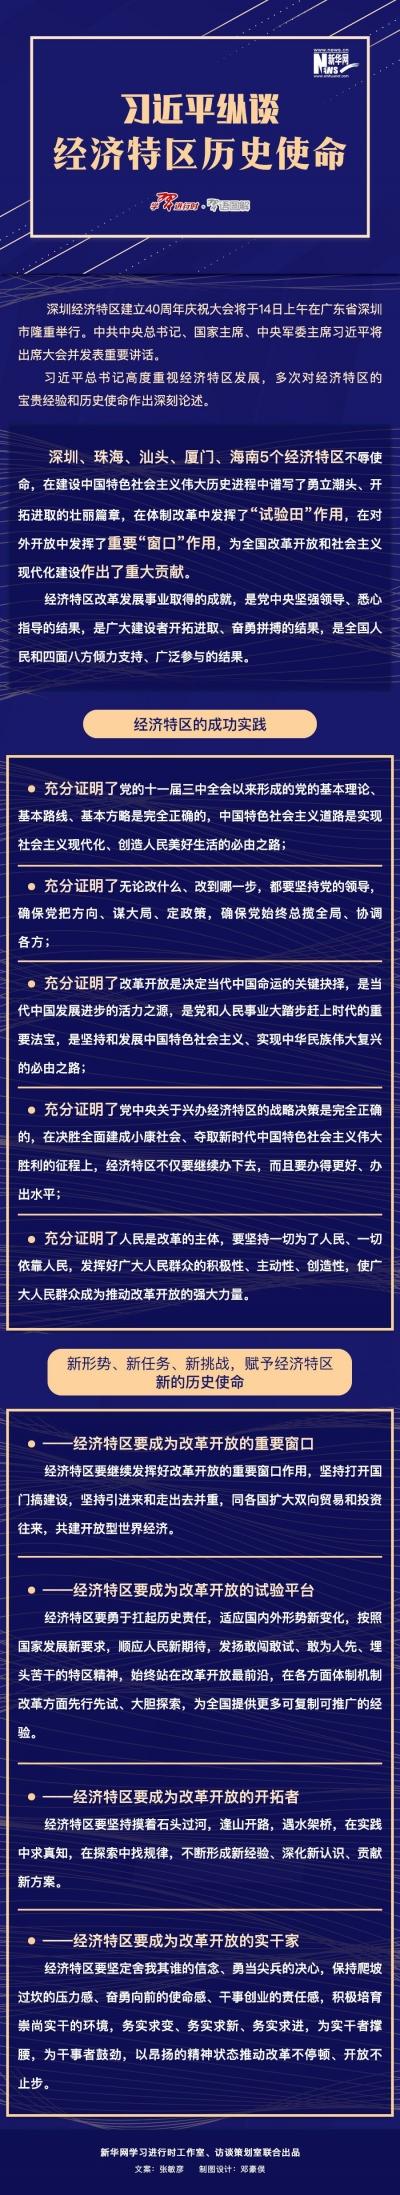 习近平纵谈经济特区历史使命